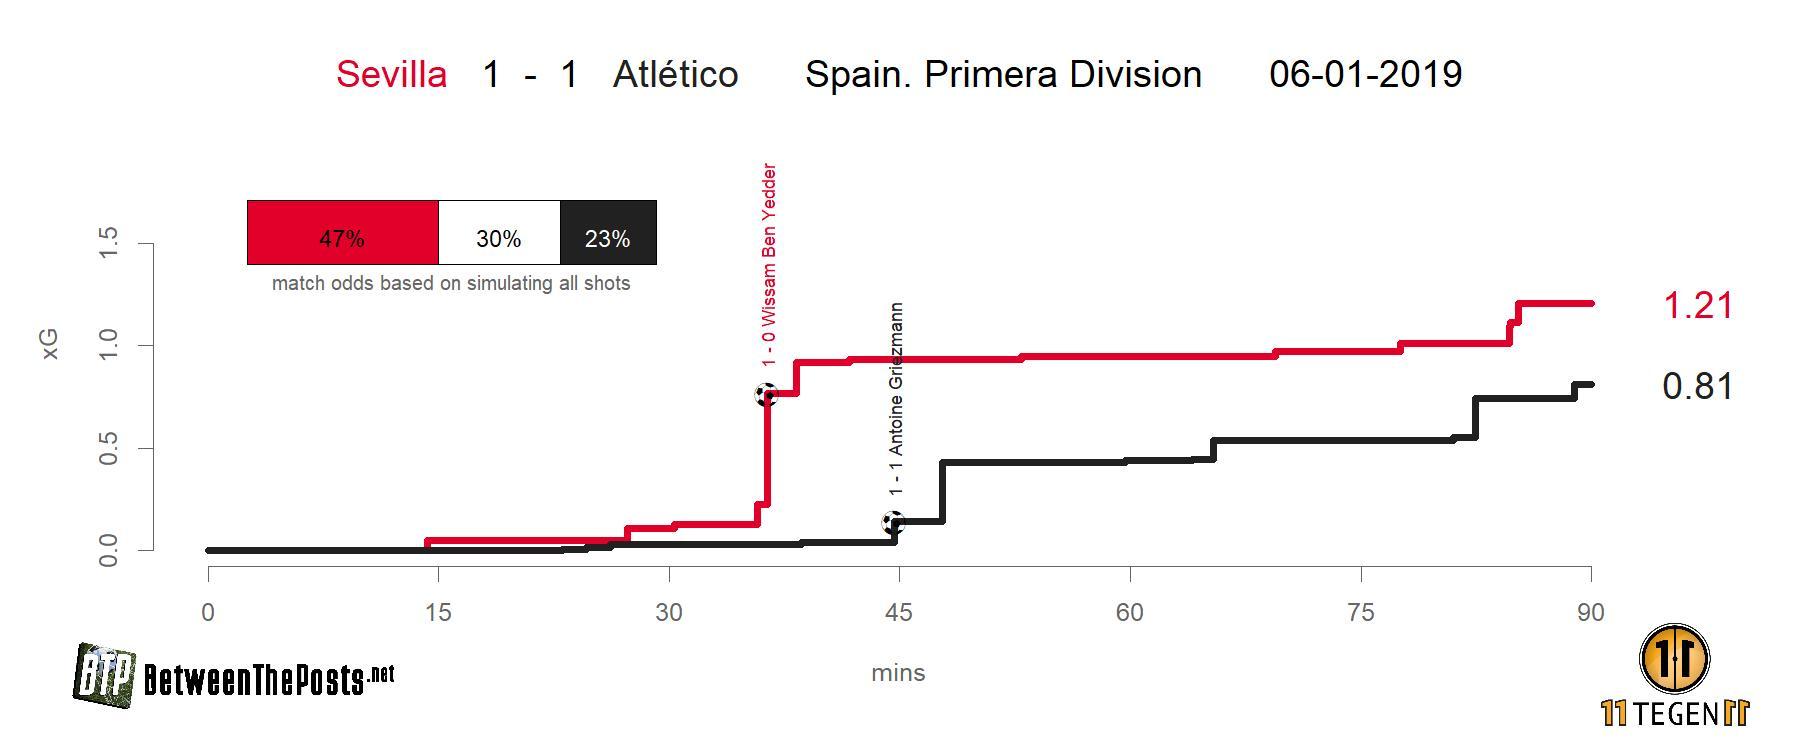 Expected goals plot Sevilla - Atlético Madrid 1-1